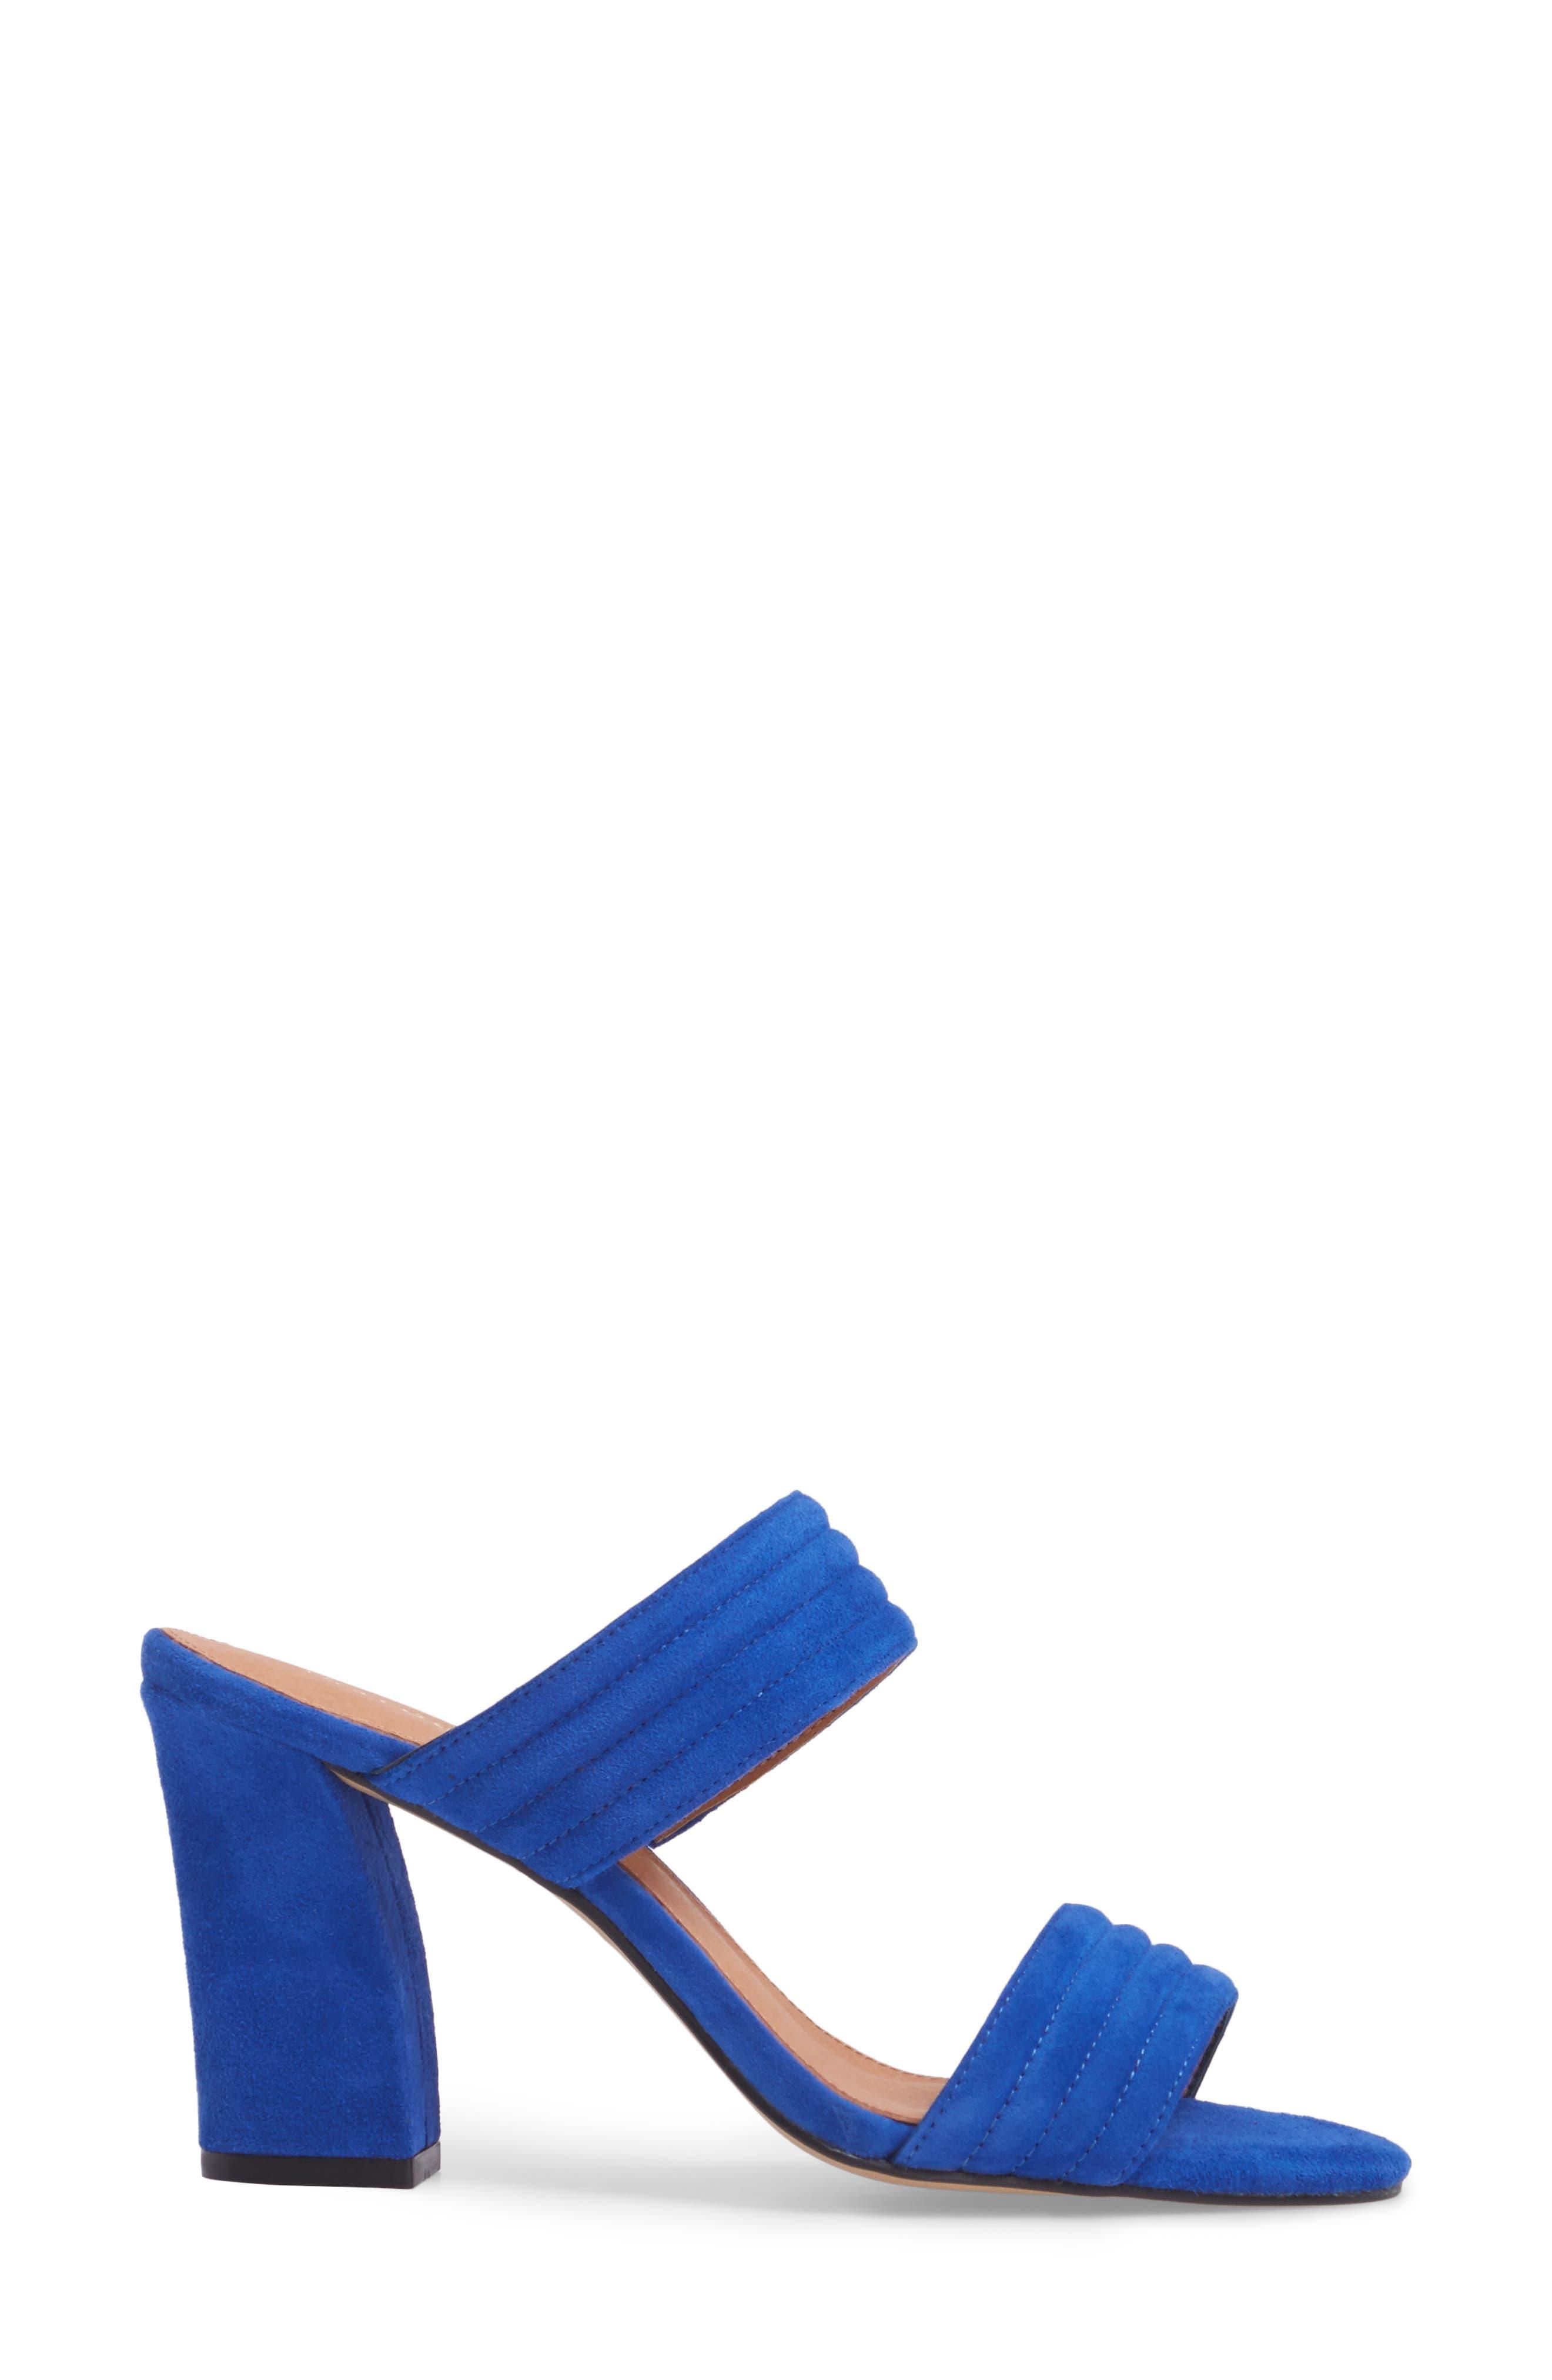 Della Slide Sandal,                             Alternate thumbnail 3, color,                             Cobalt Suede